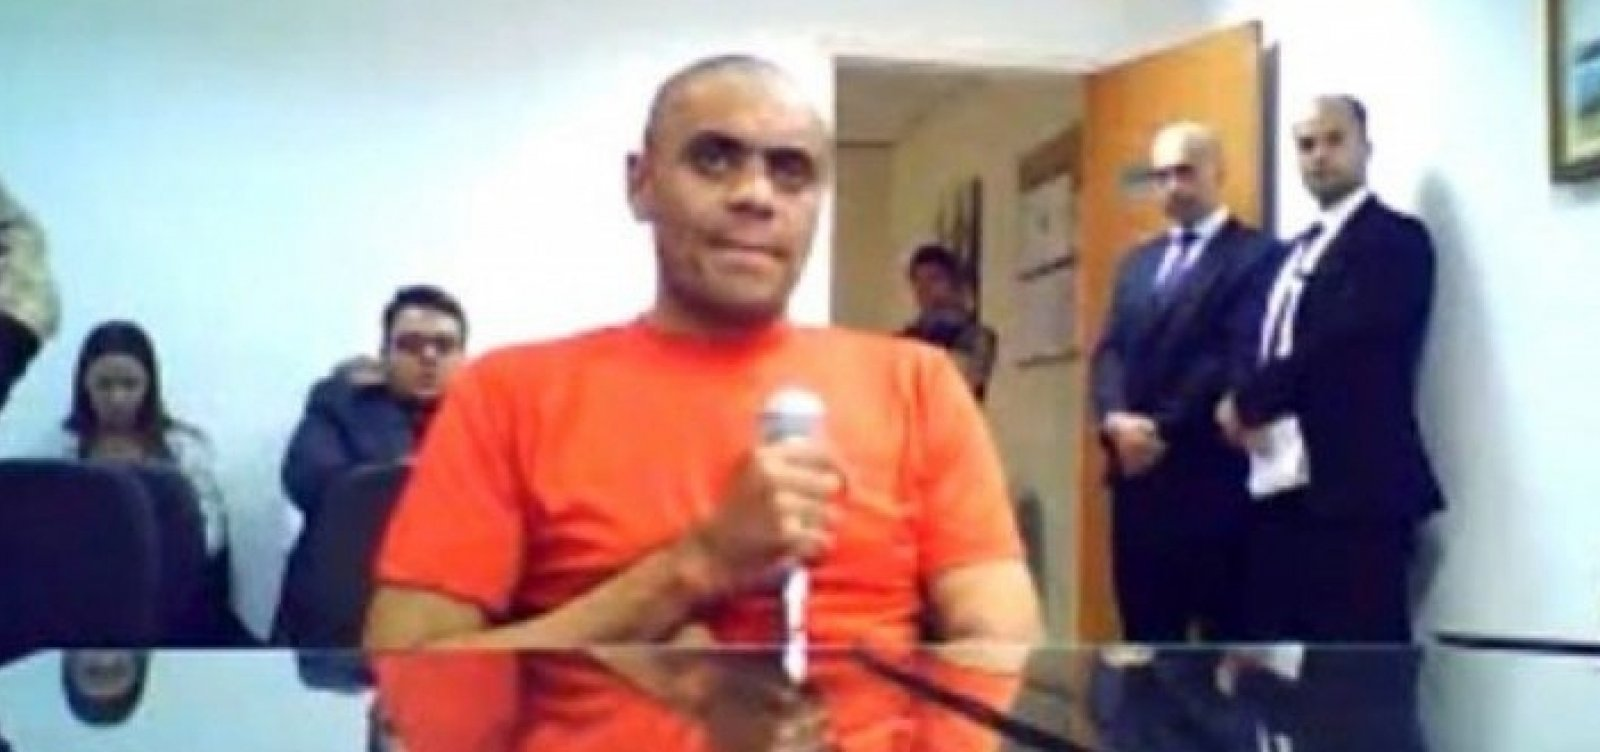 Justiça conclui que autor da facada em Bolsonaro tem doença mental